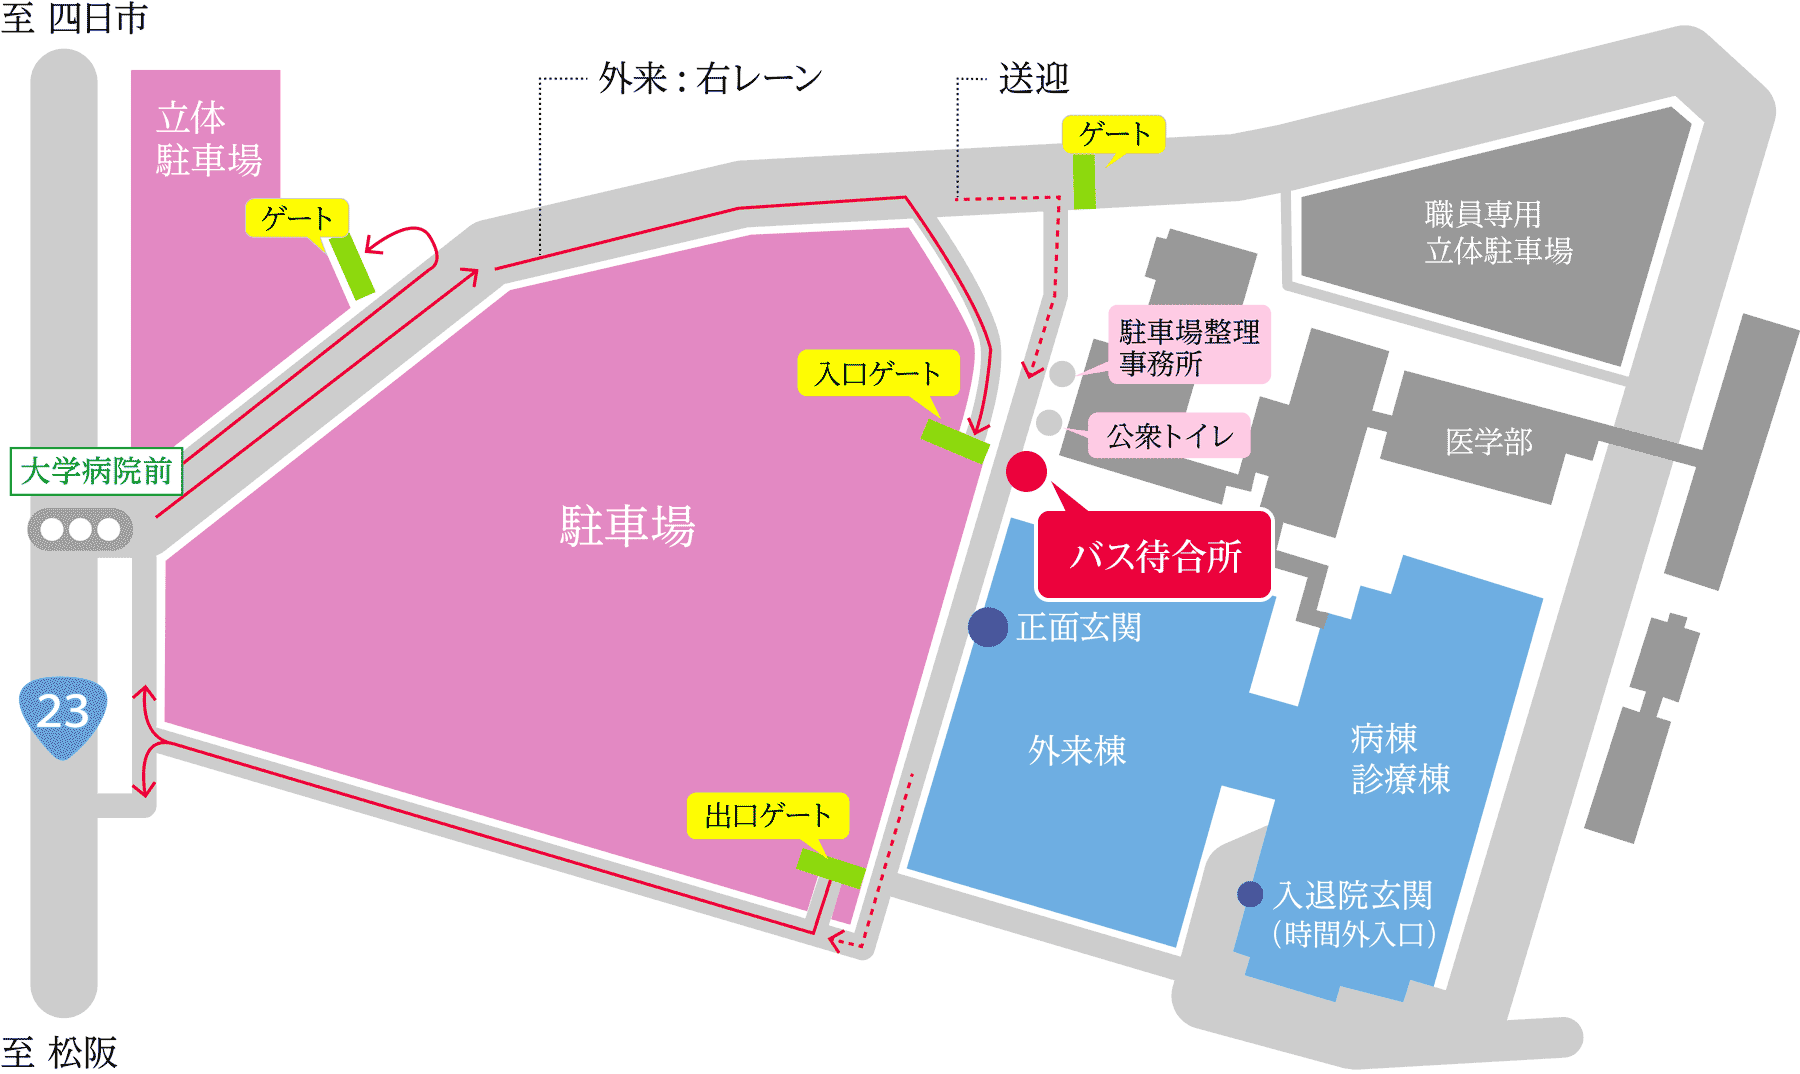 バス待合所の地図